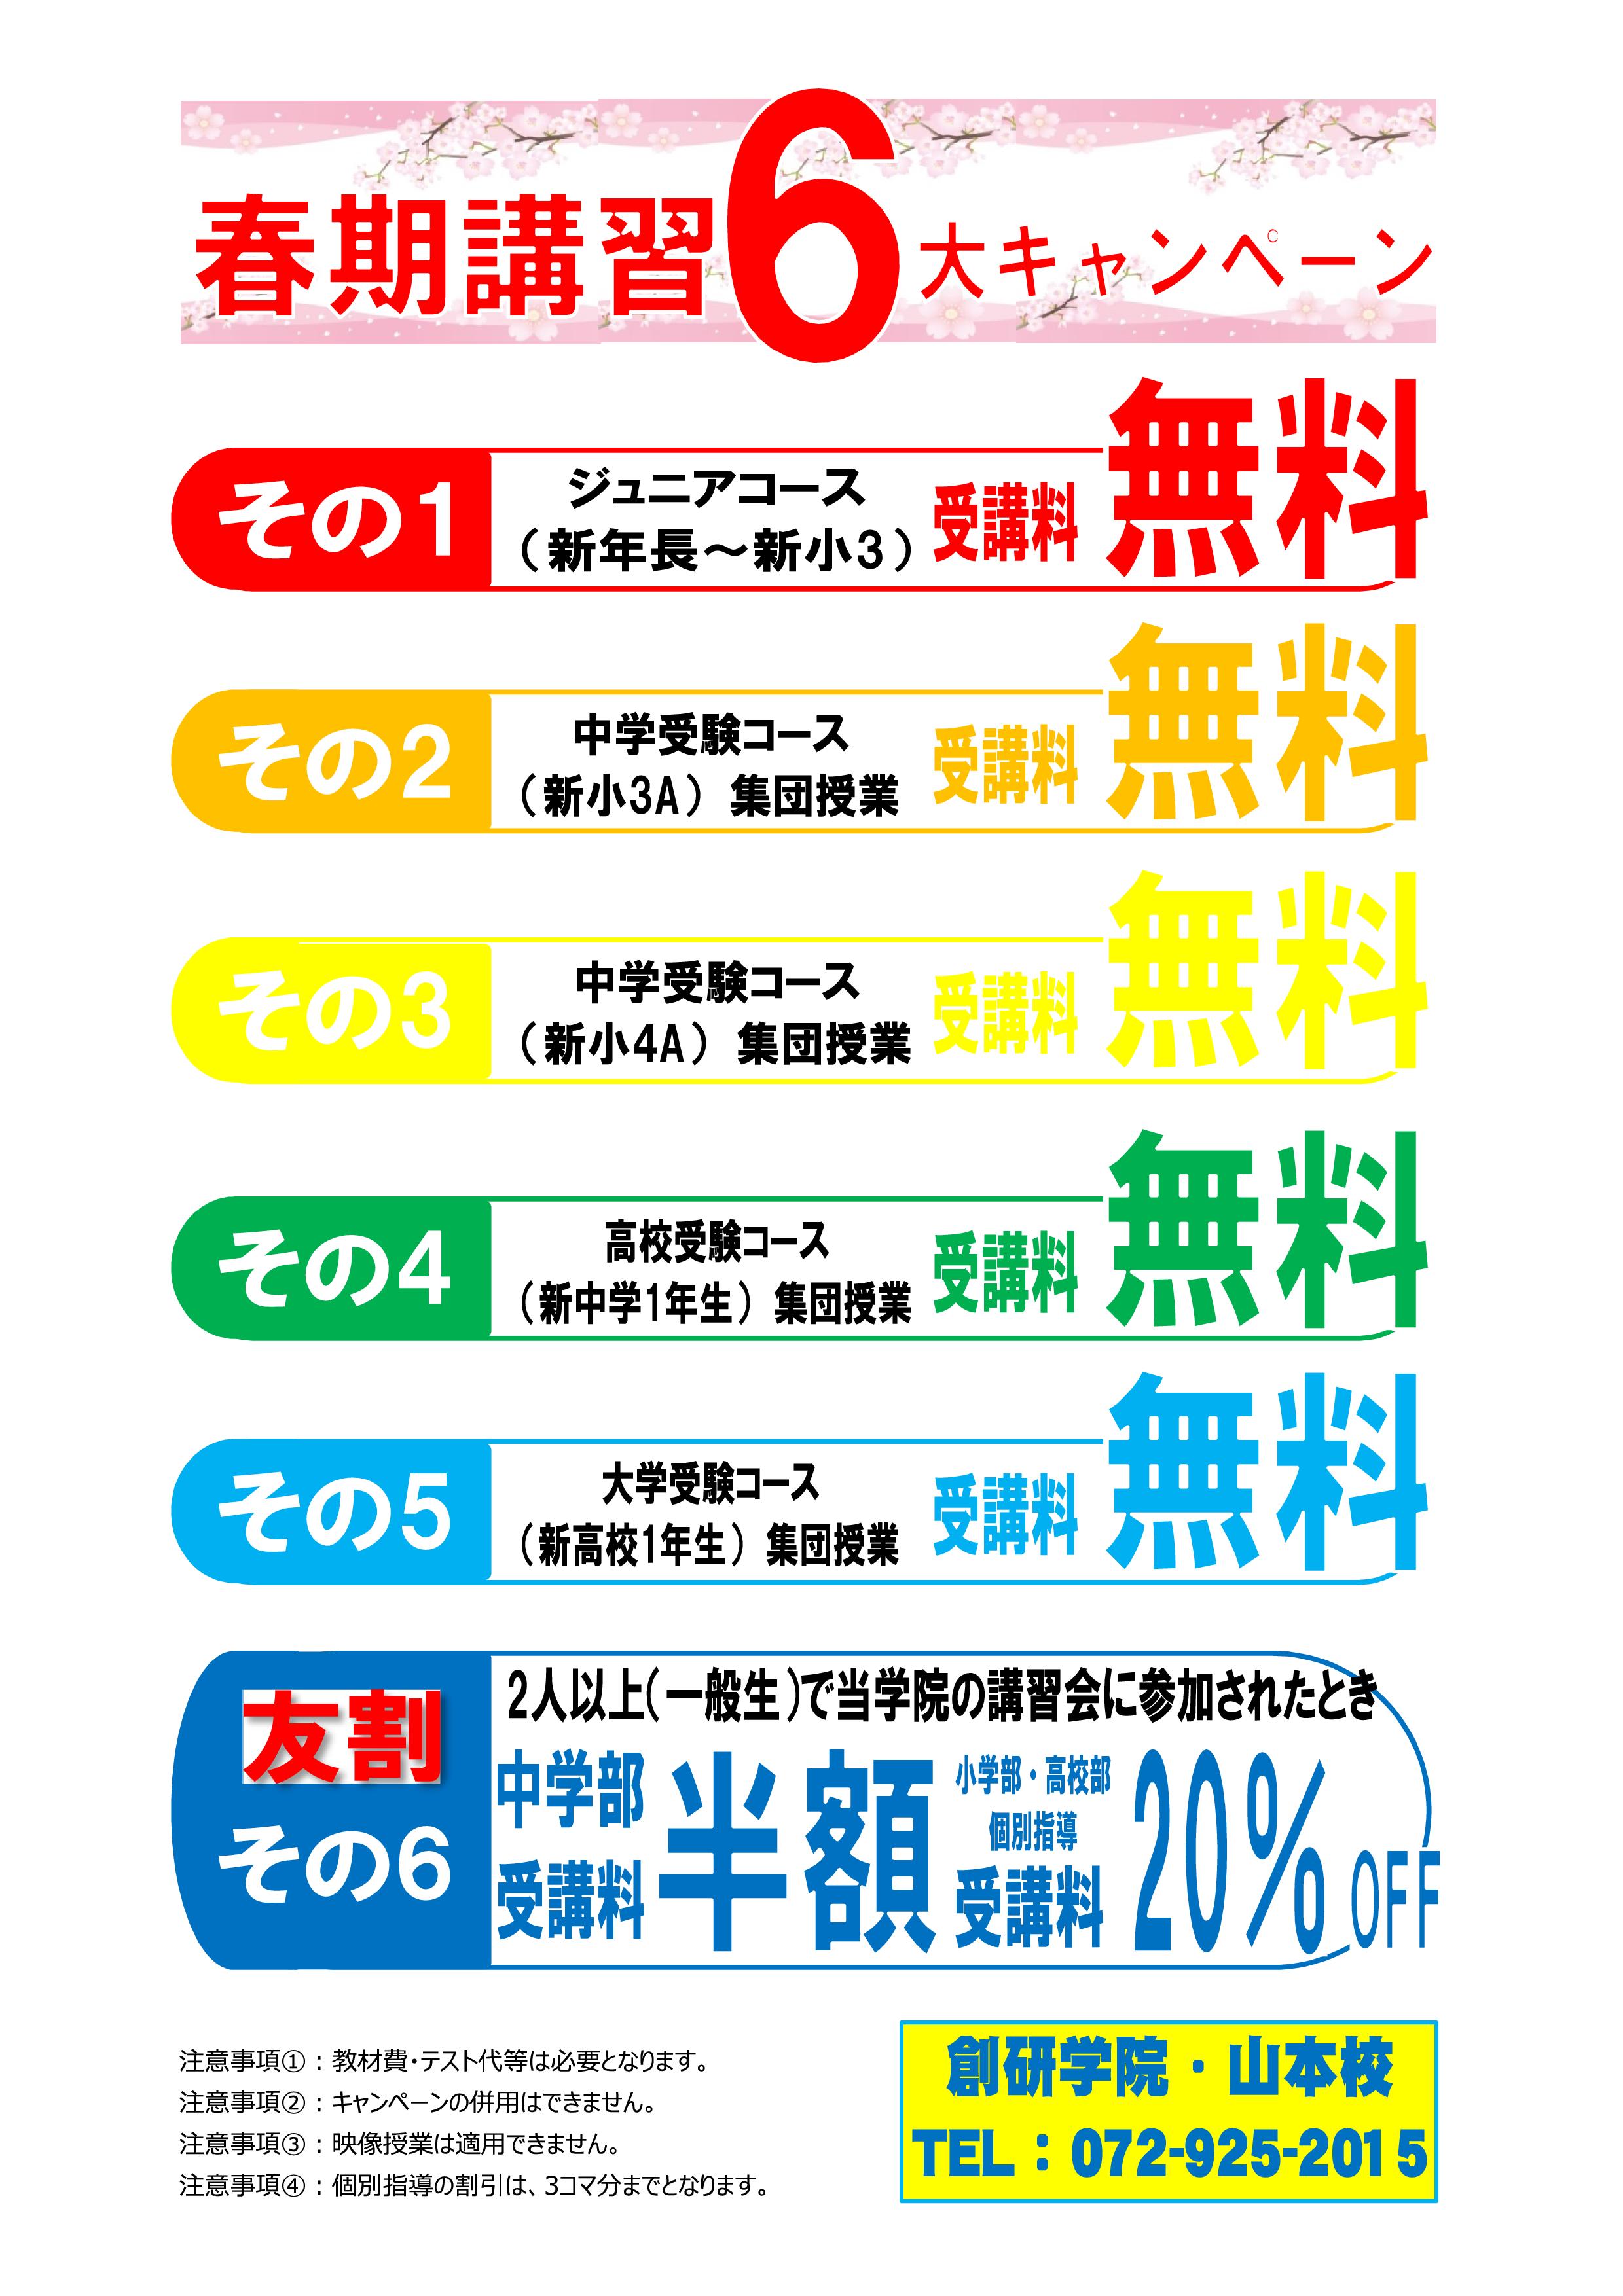 春のキャンペーン & 入塾キャンペーン